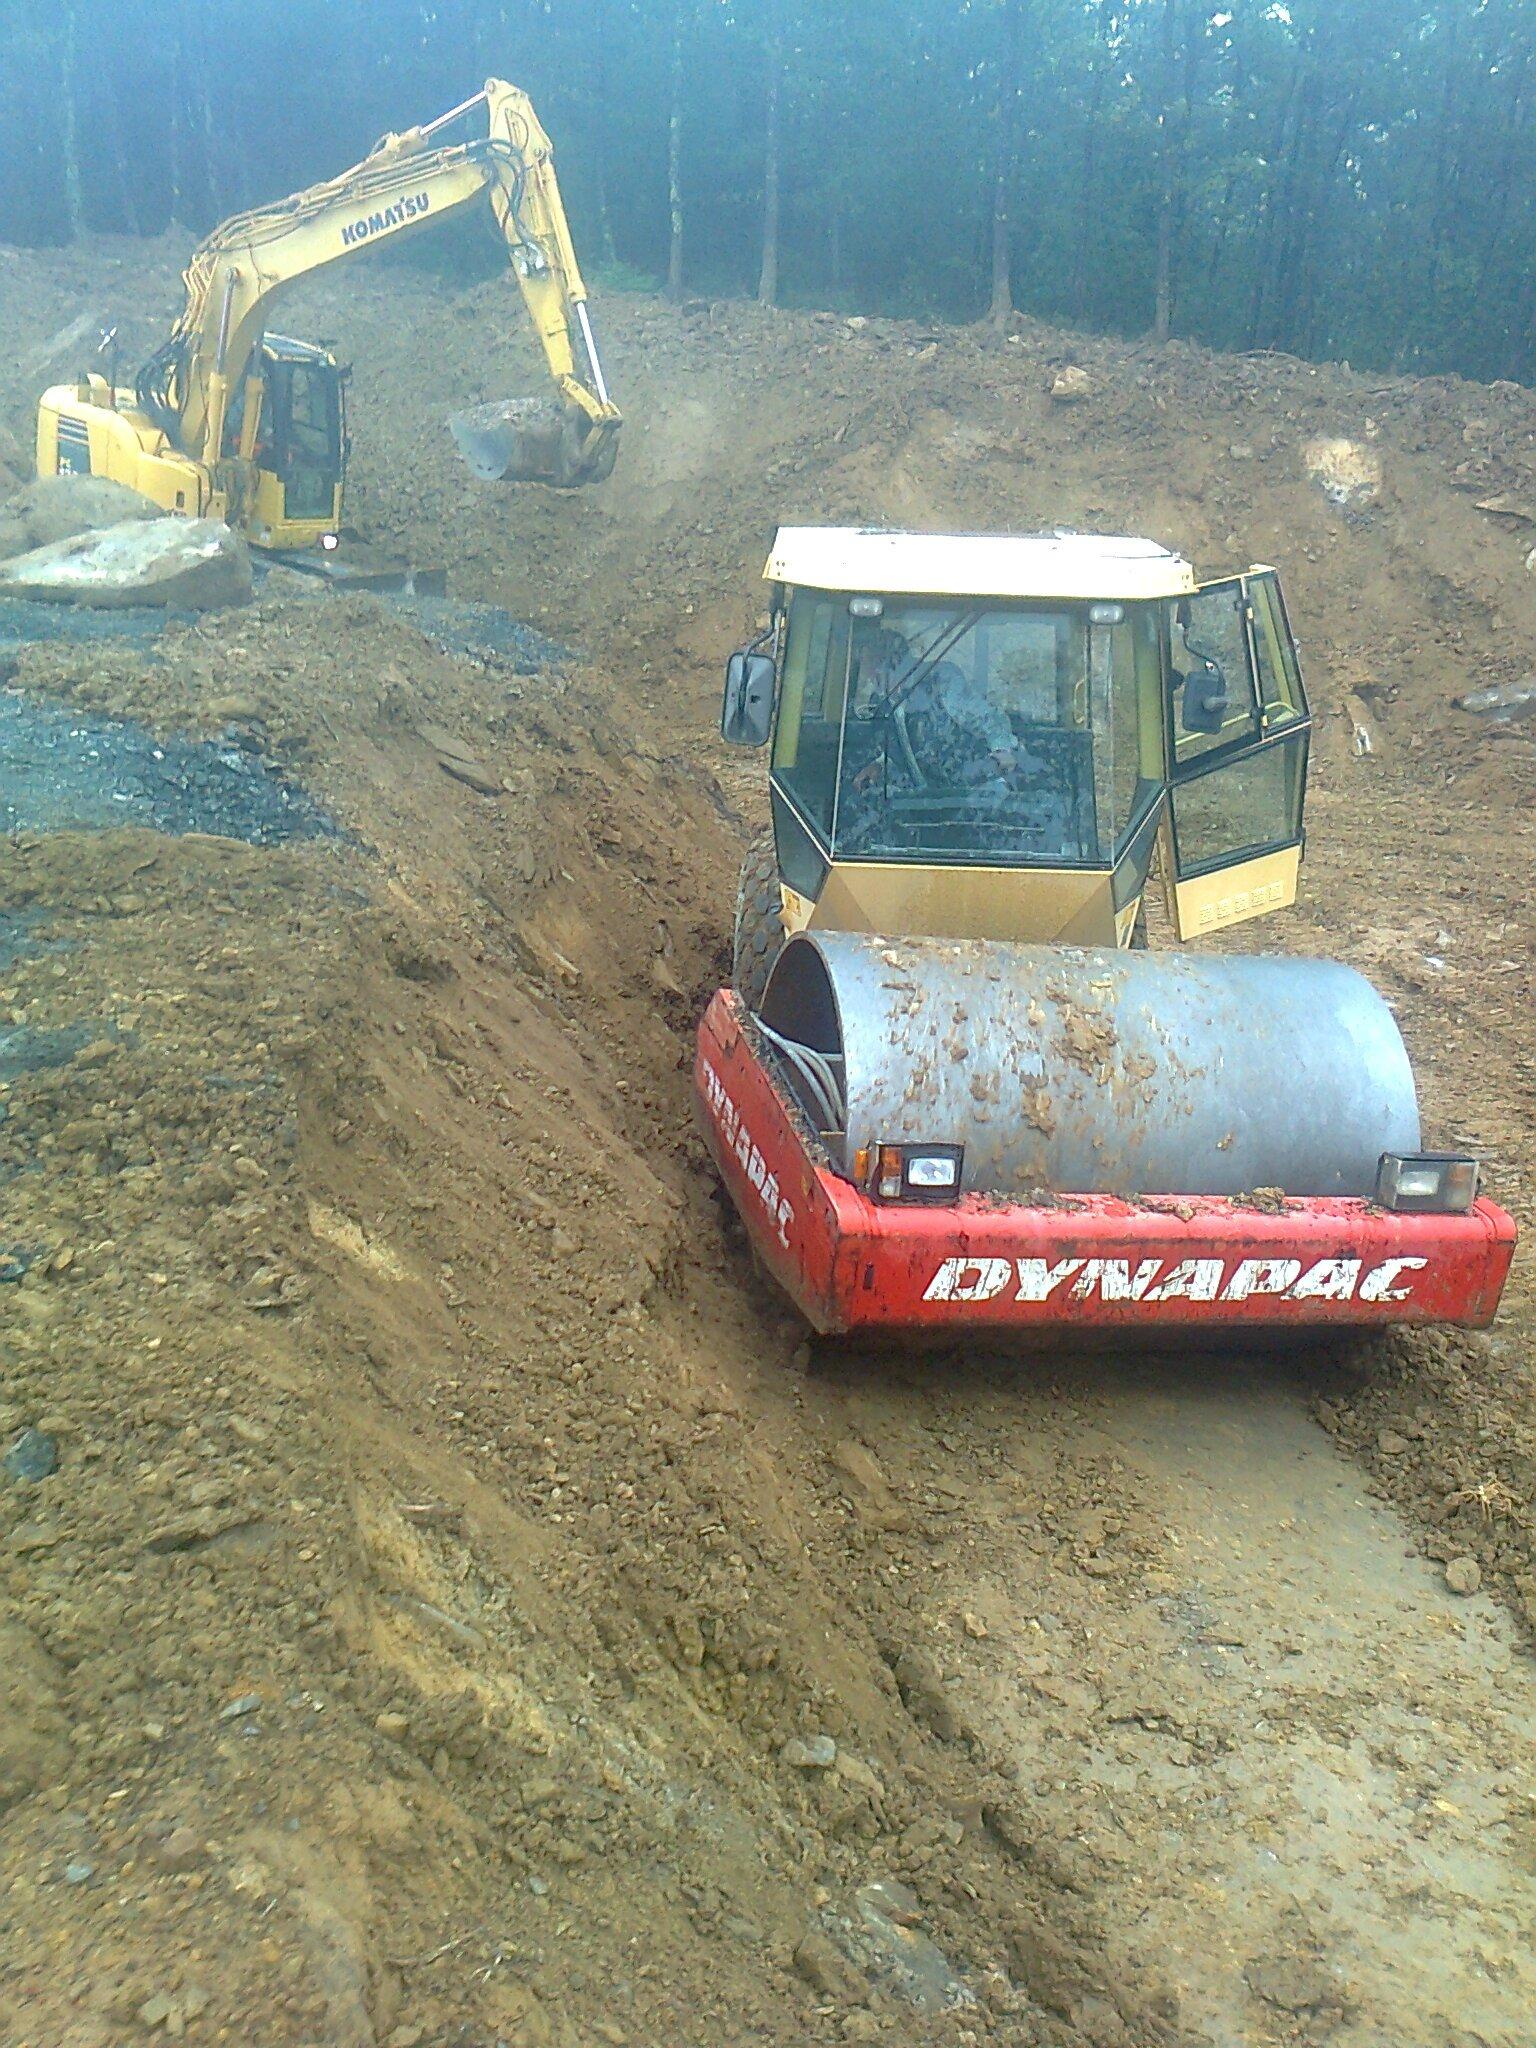 una scavatrice e una macchina per asfaltazione in un cantiere di terra